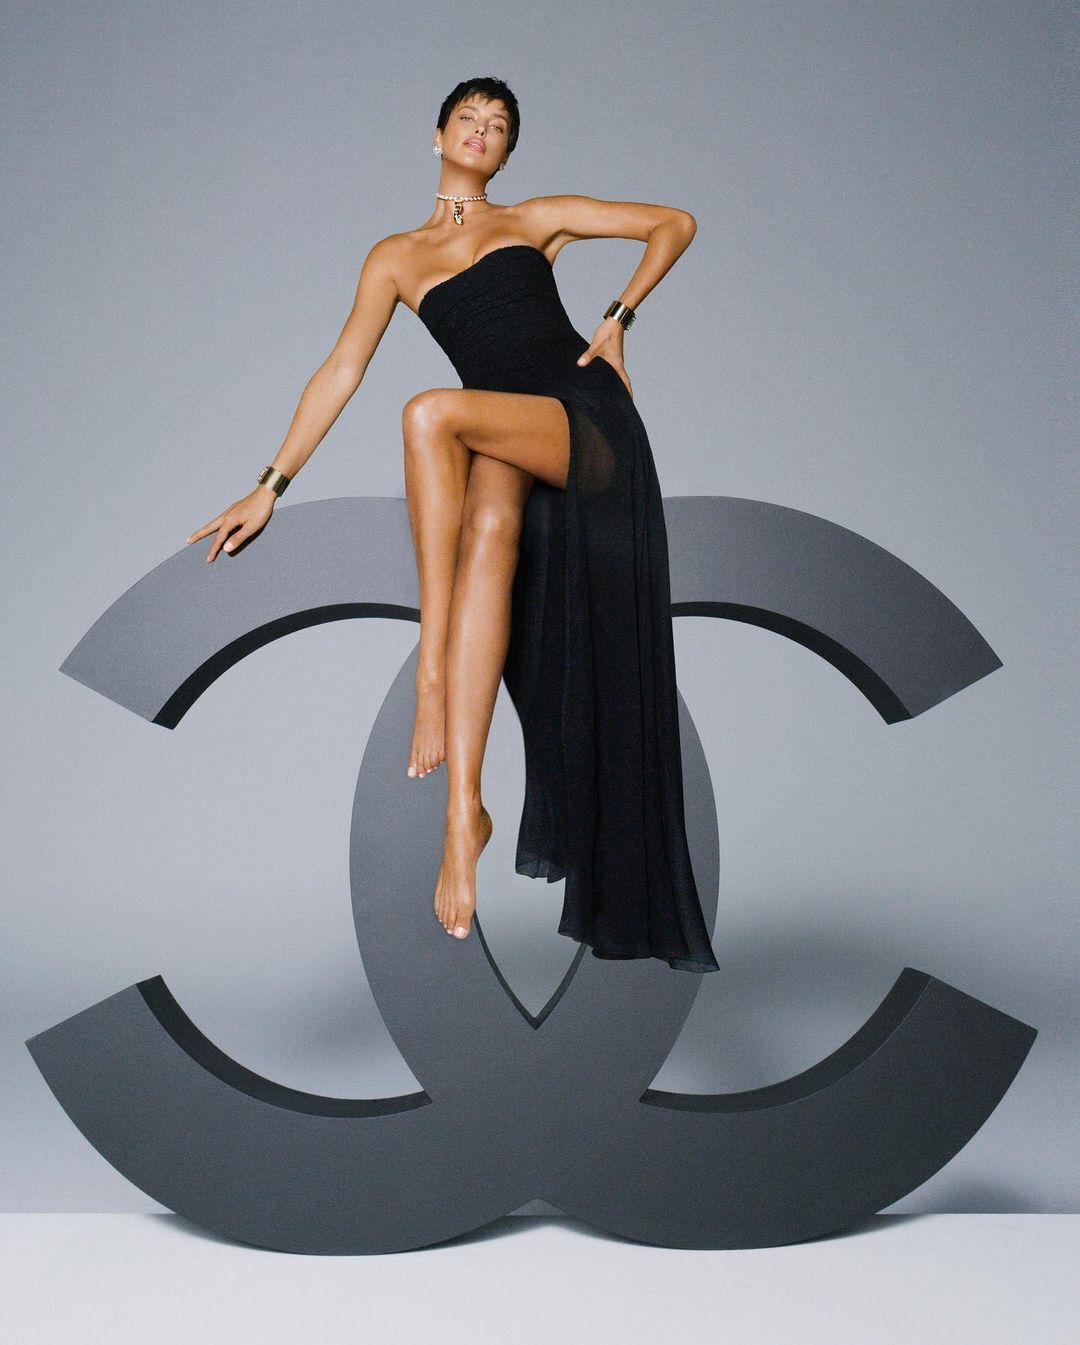 Ирина Шейк полностью обнажилась в фотосессии для мартовского номера Vogue